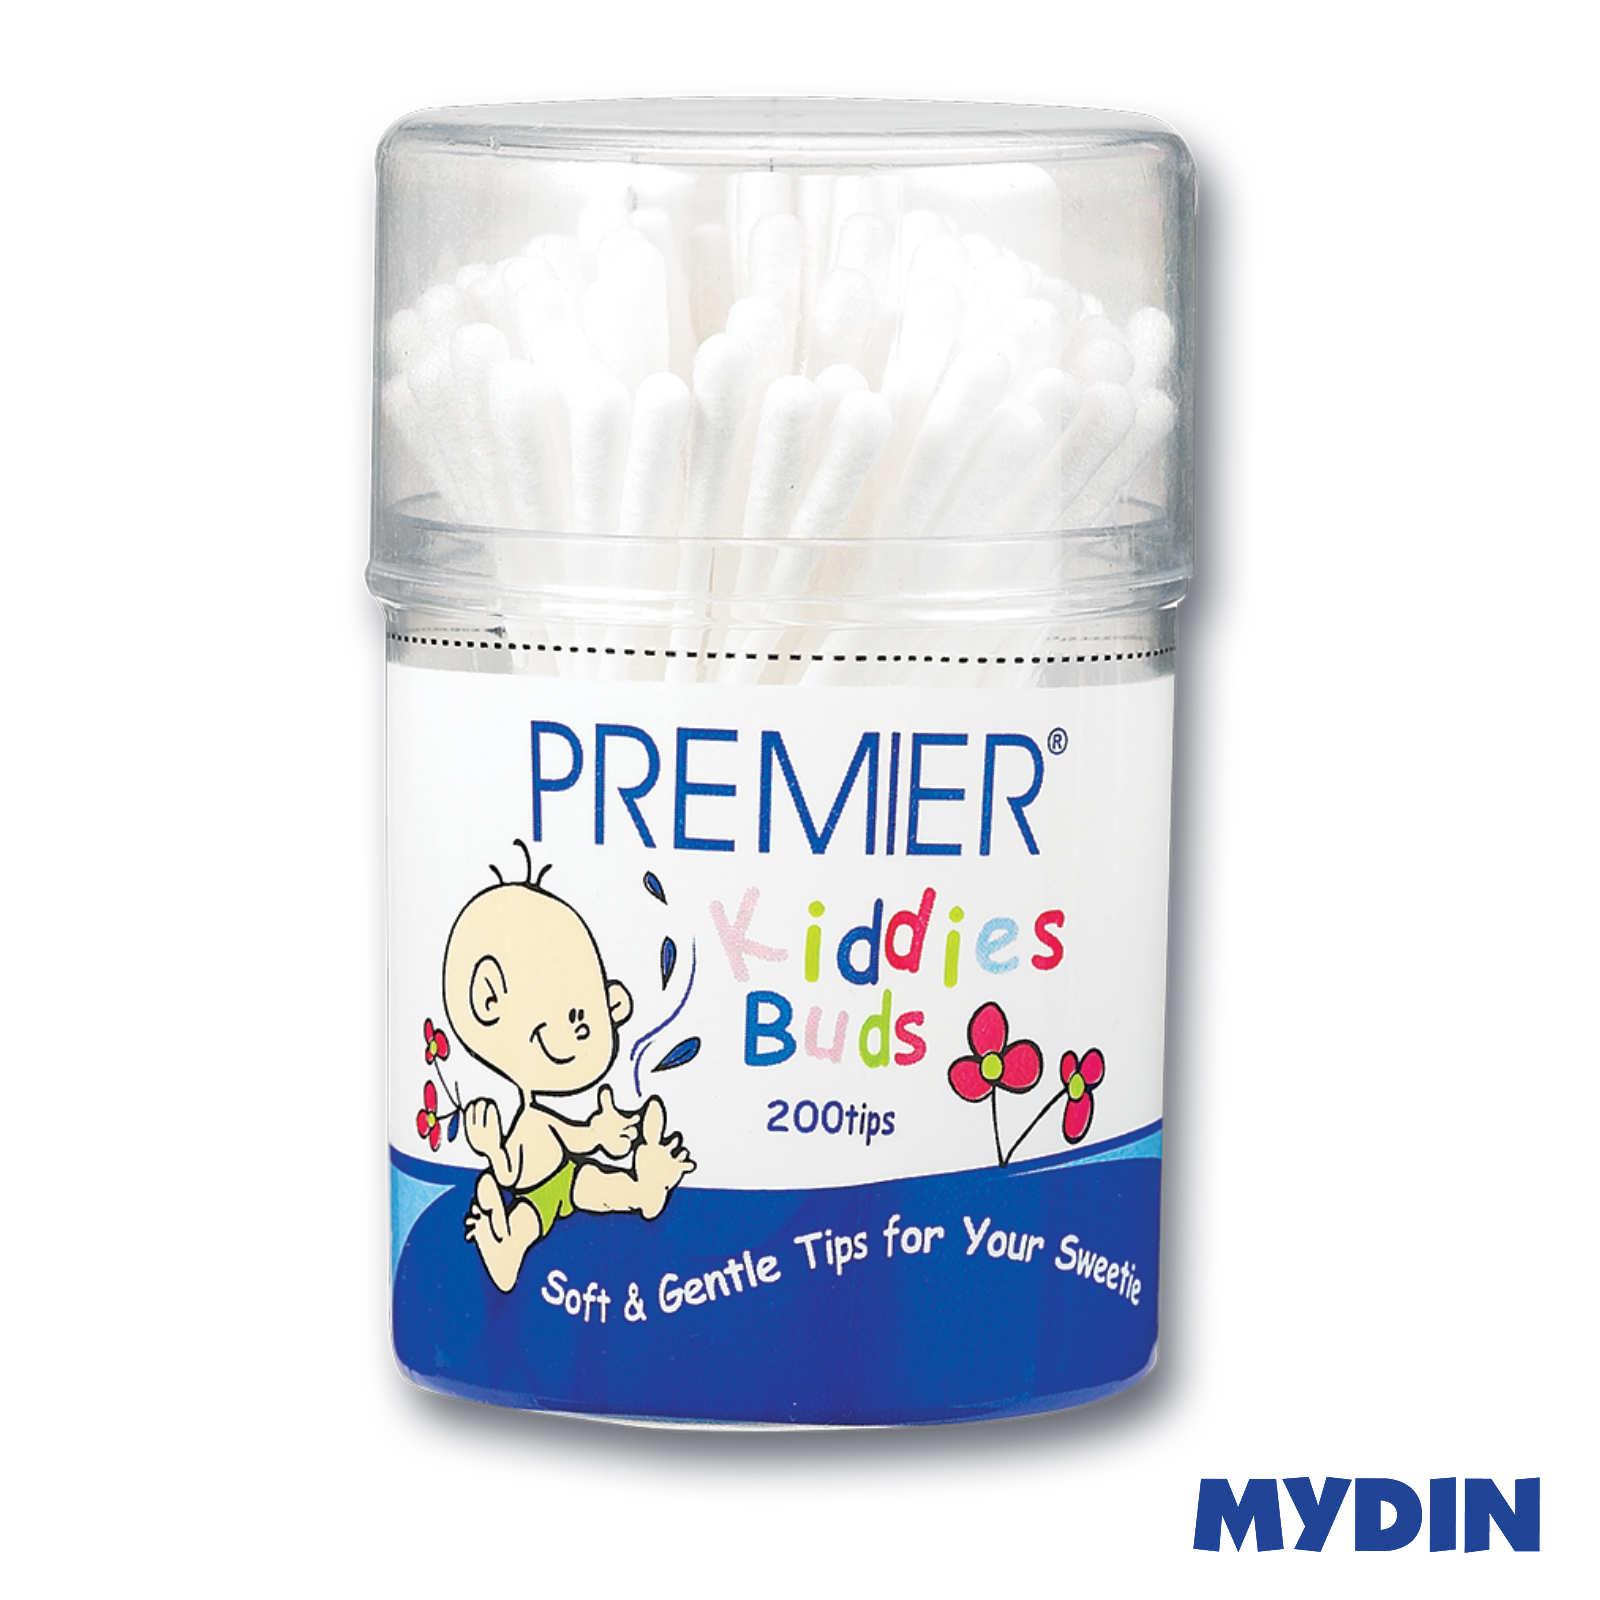 Premier Kiddies Bud 200 Tips